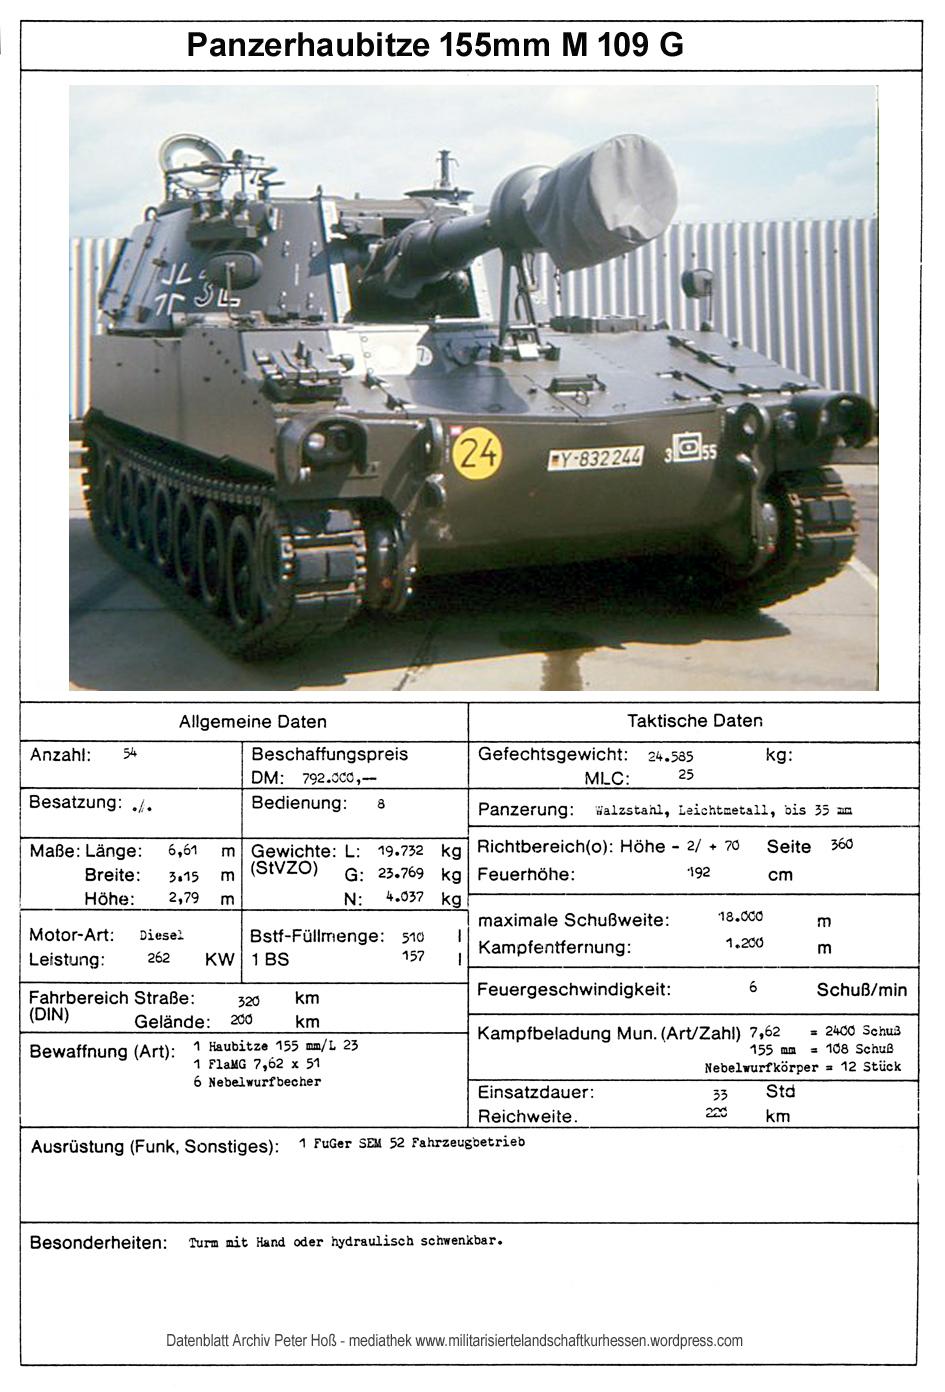 Datenblatt M109G